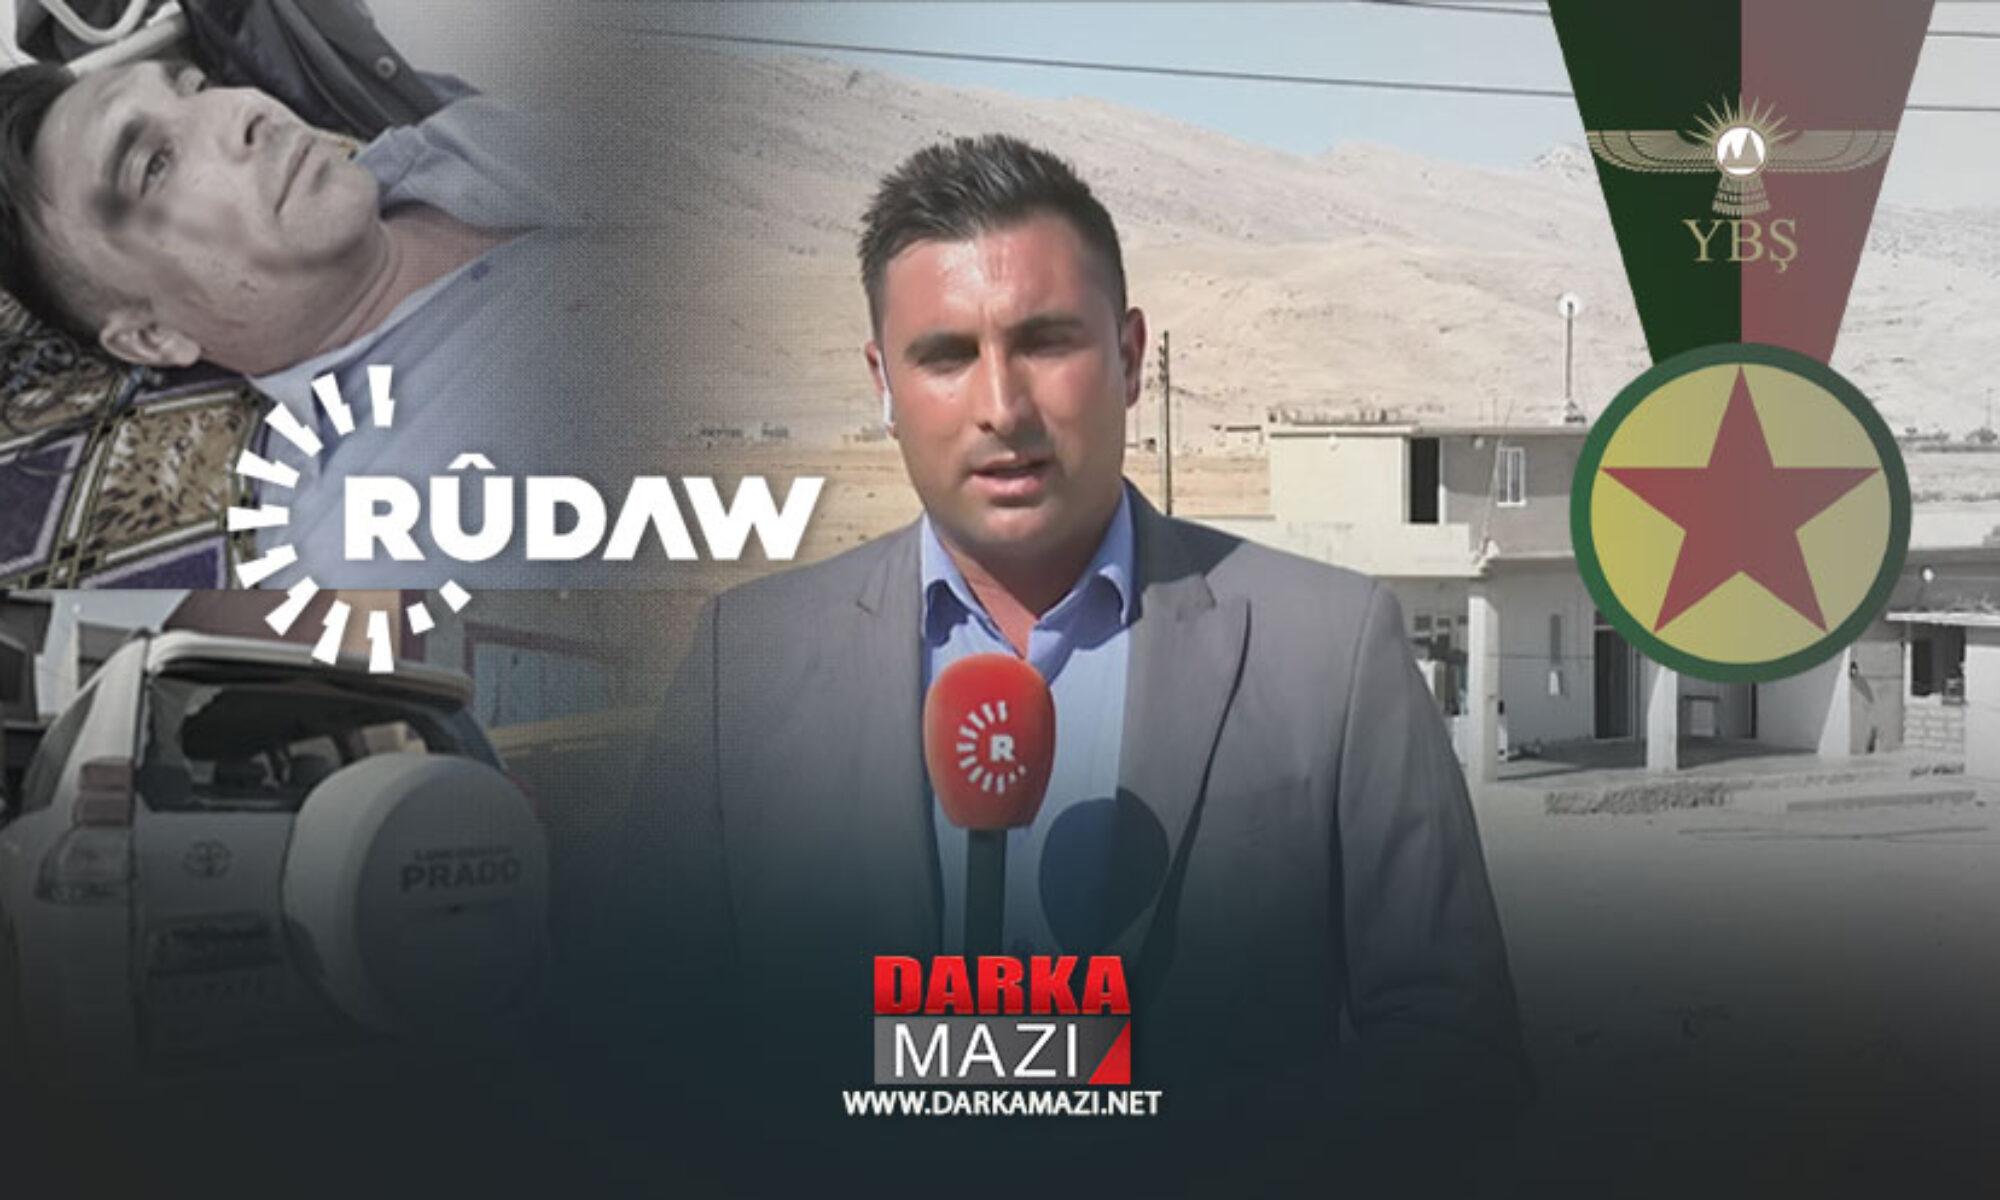 PKK'ye bağlı YBŞ güçleri Rudaw muhabirine saldırdı, araç ve eşyalara el koydu